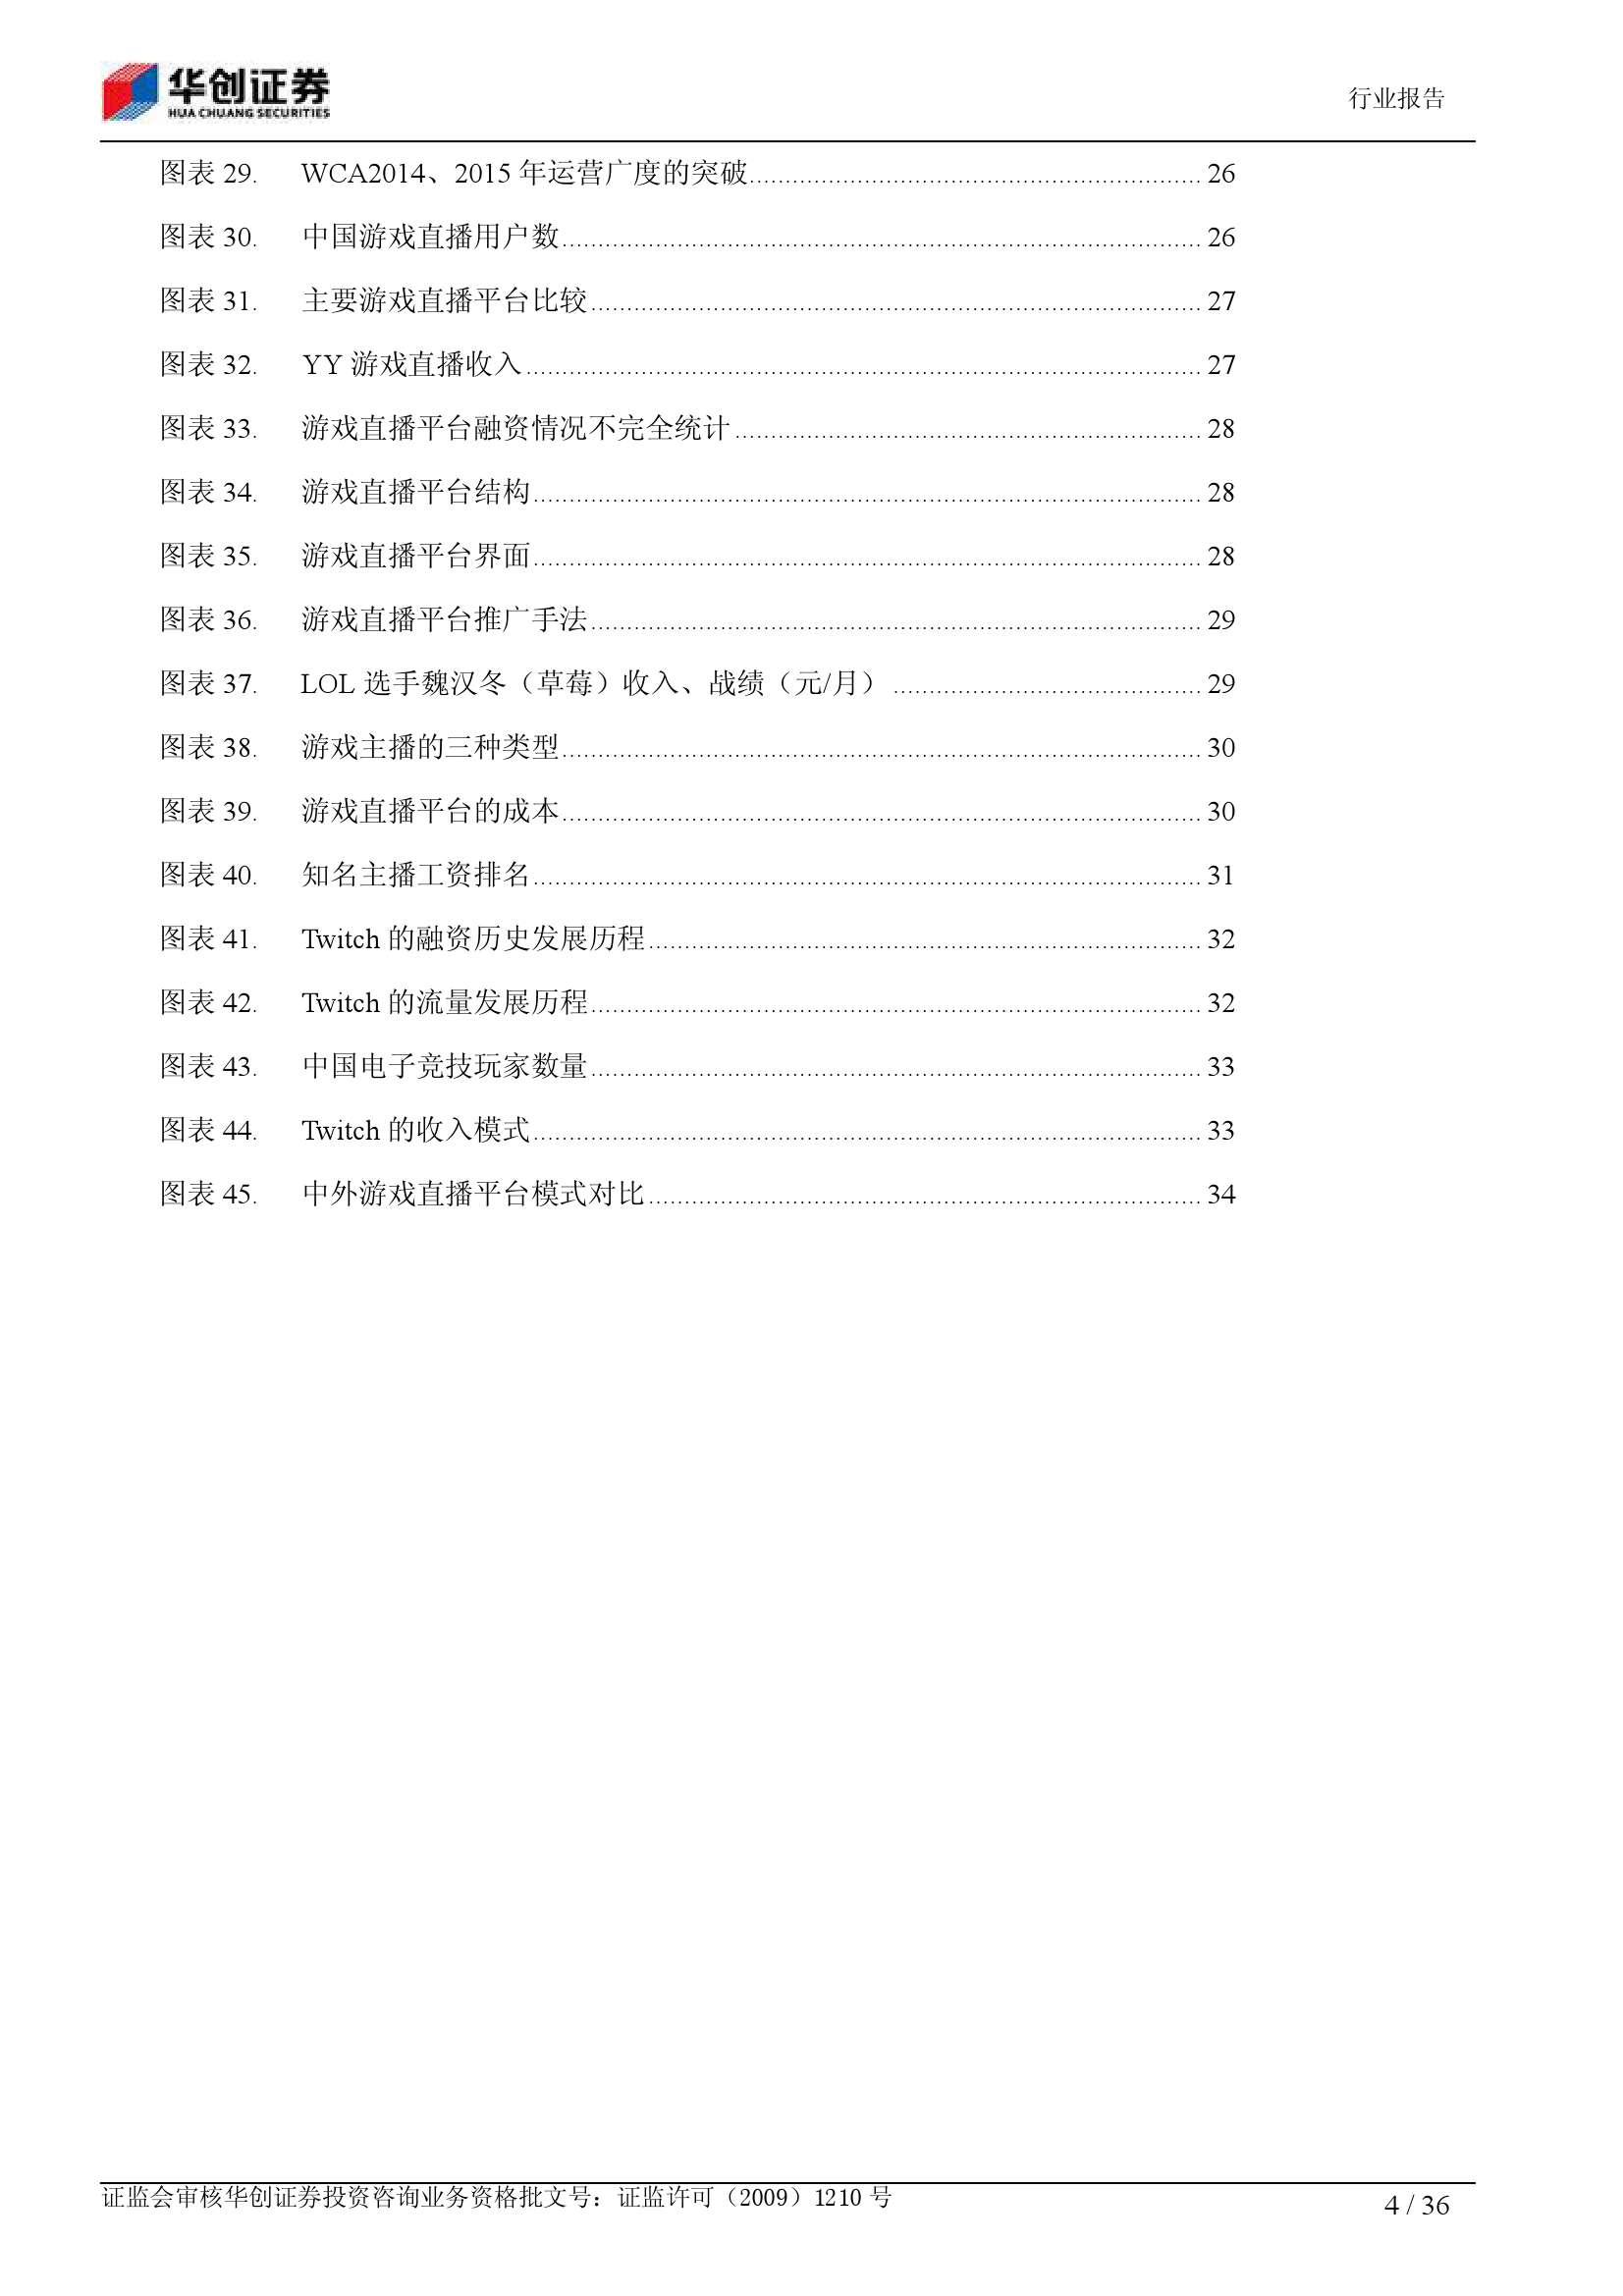 电子竞技深度报告:从小众娱乐 到千亿产业_000004